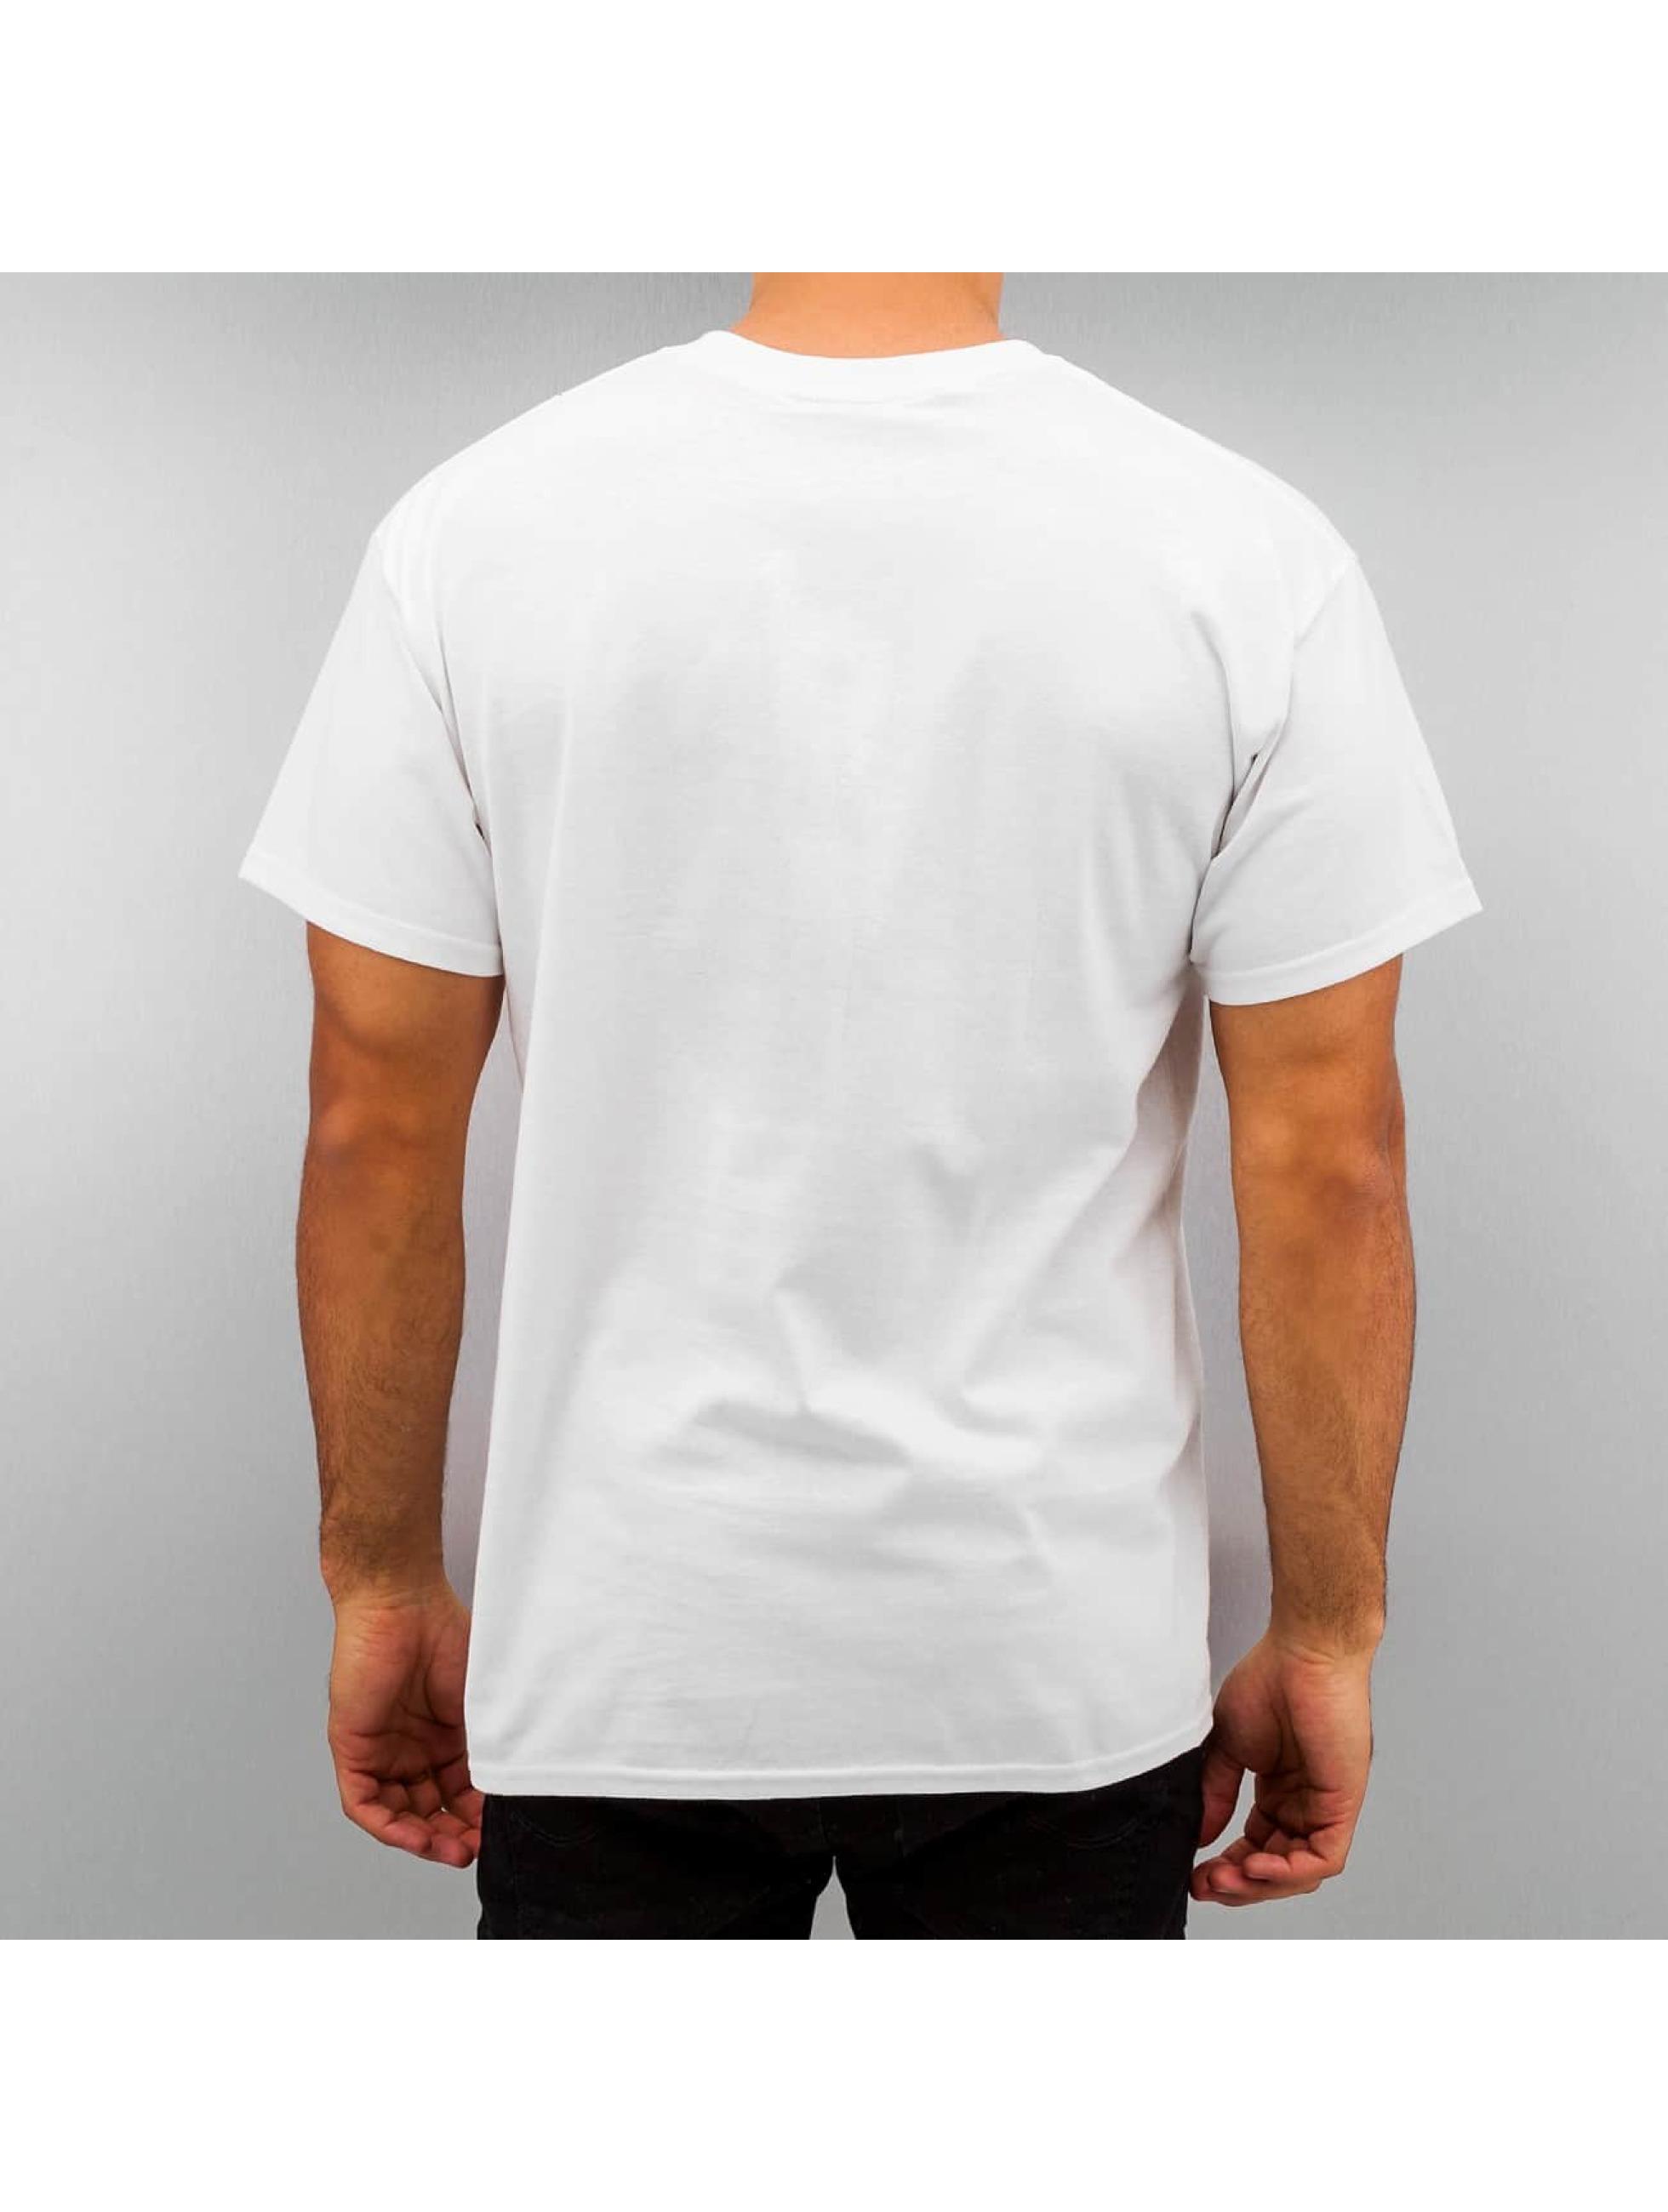 Joker T-Shirt King white